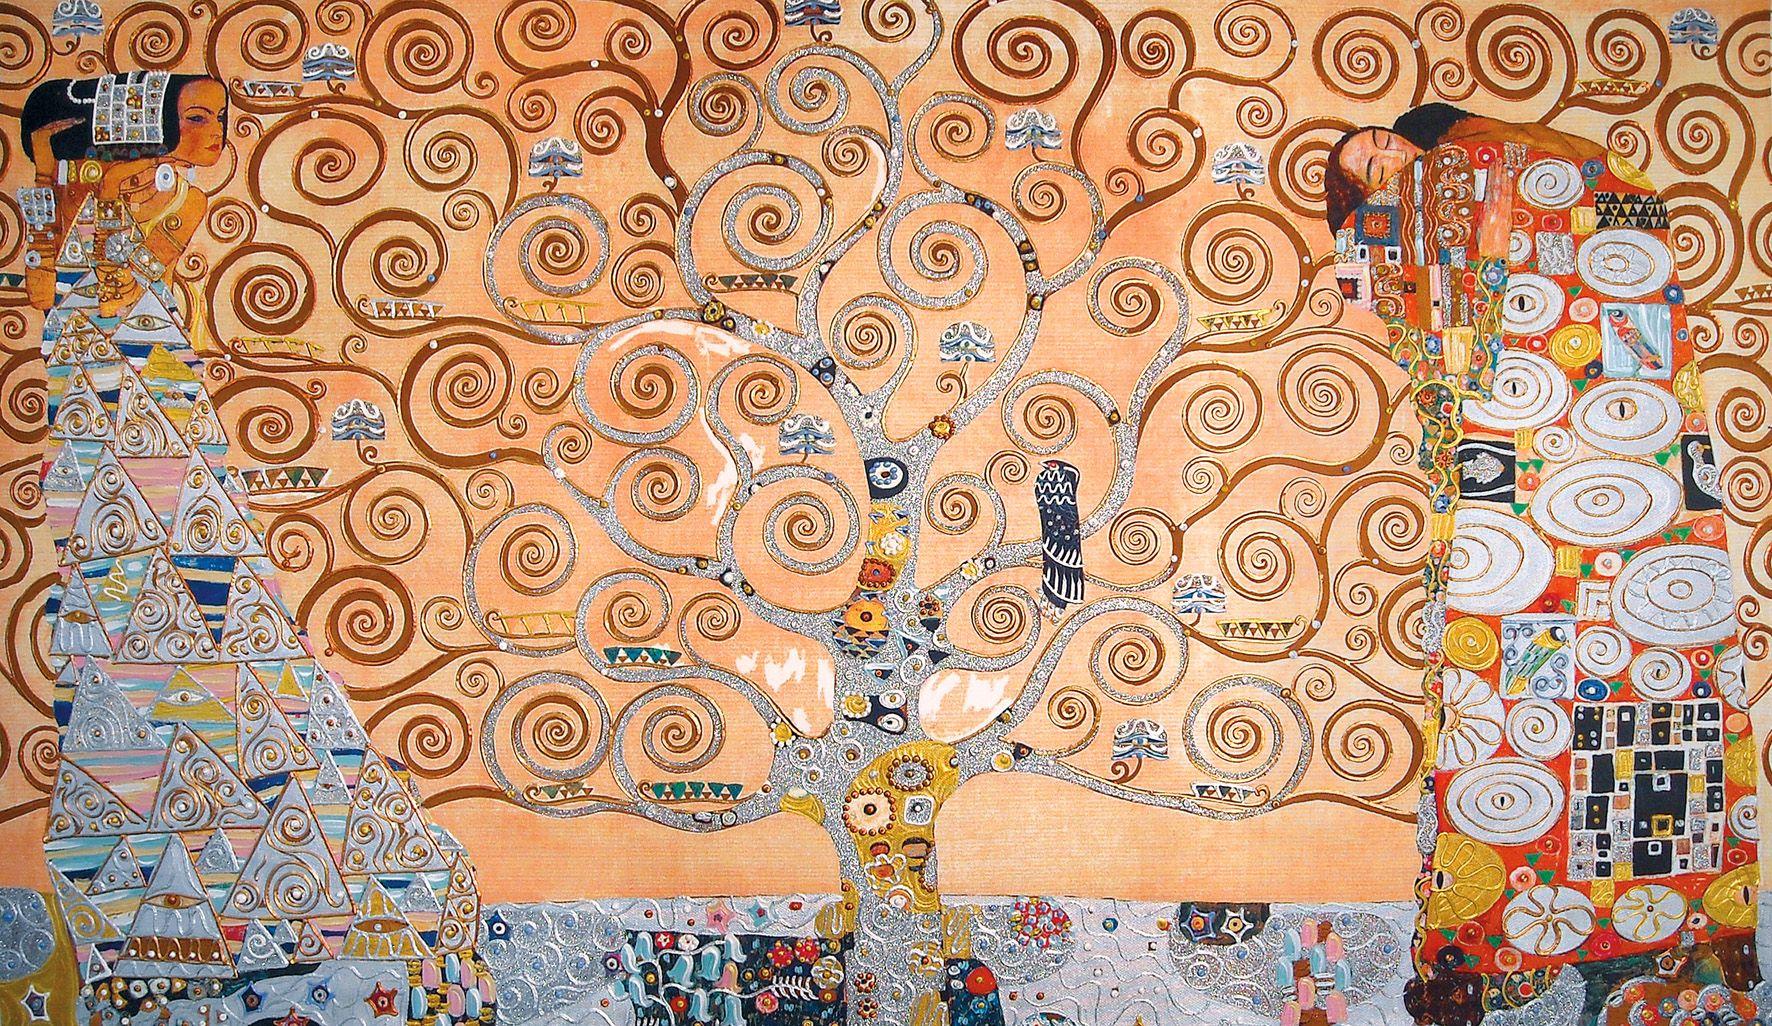 Klimt Gustav (1862-1918)   Schizzi per il fregio con l'Albero della vita a  Palazzo Stoclet, Bruxelles (Belgio), 1905-9…   Albero della vita, Klimt,  Bruxelles belgio